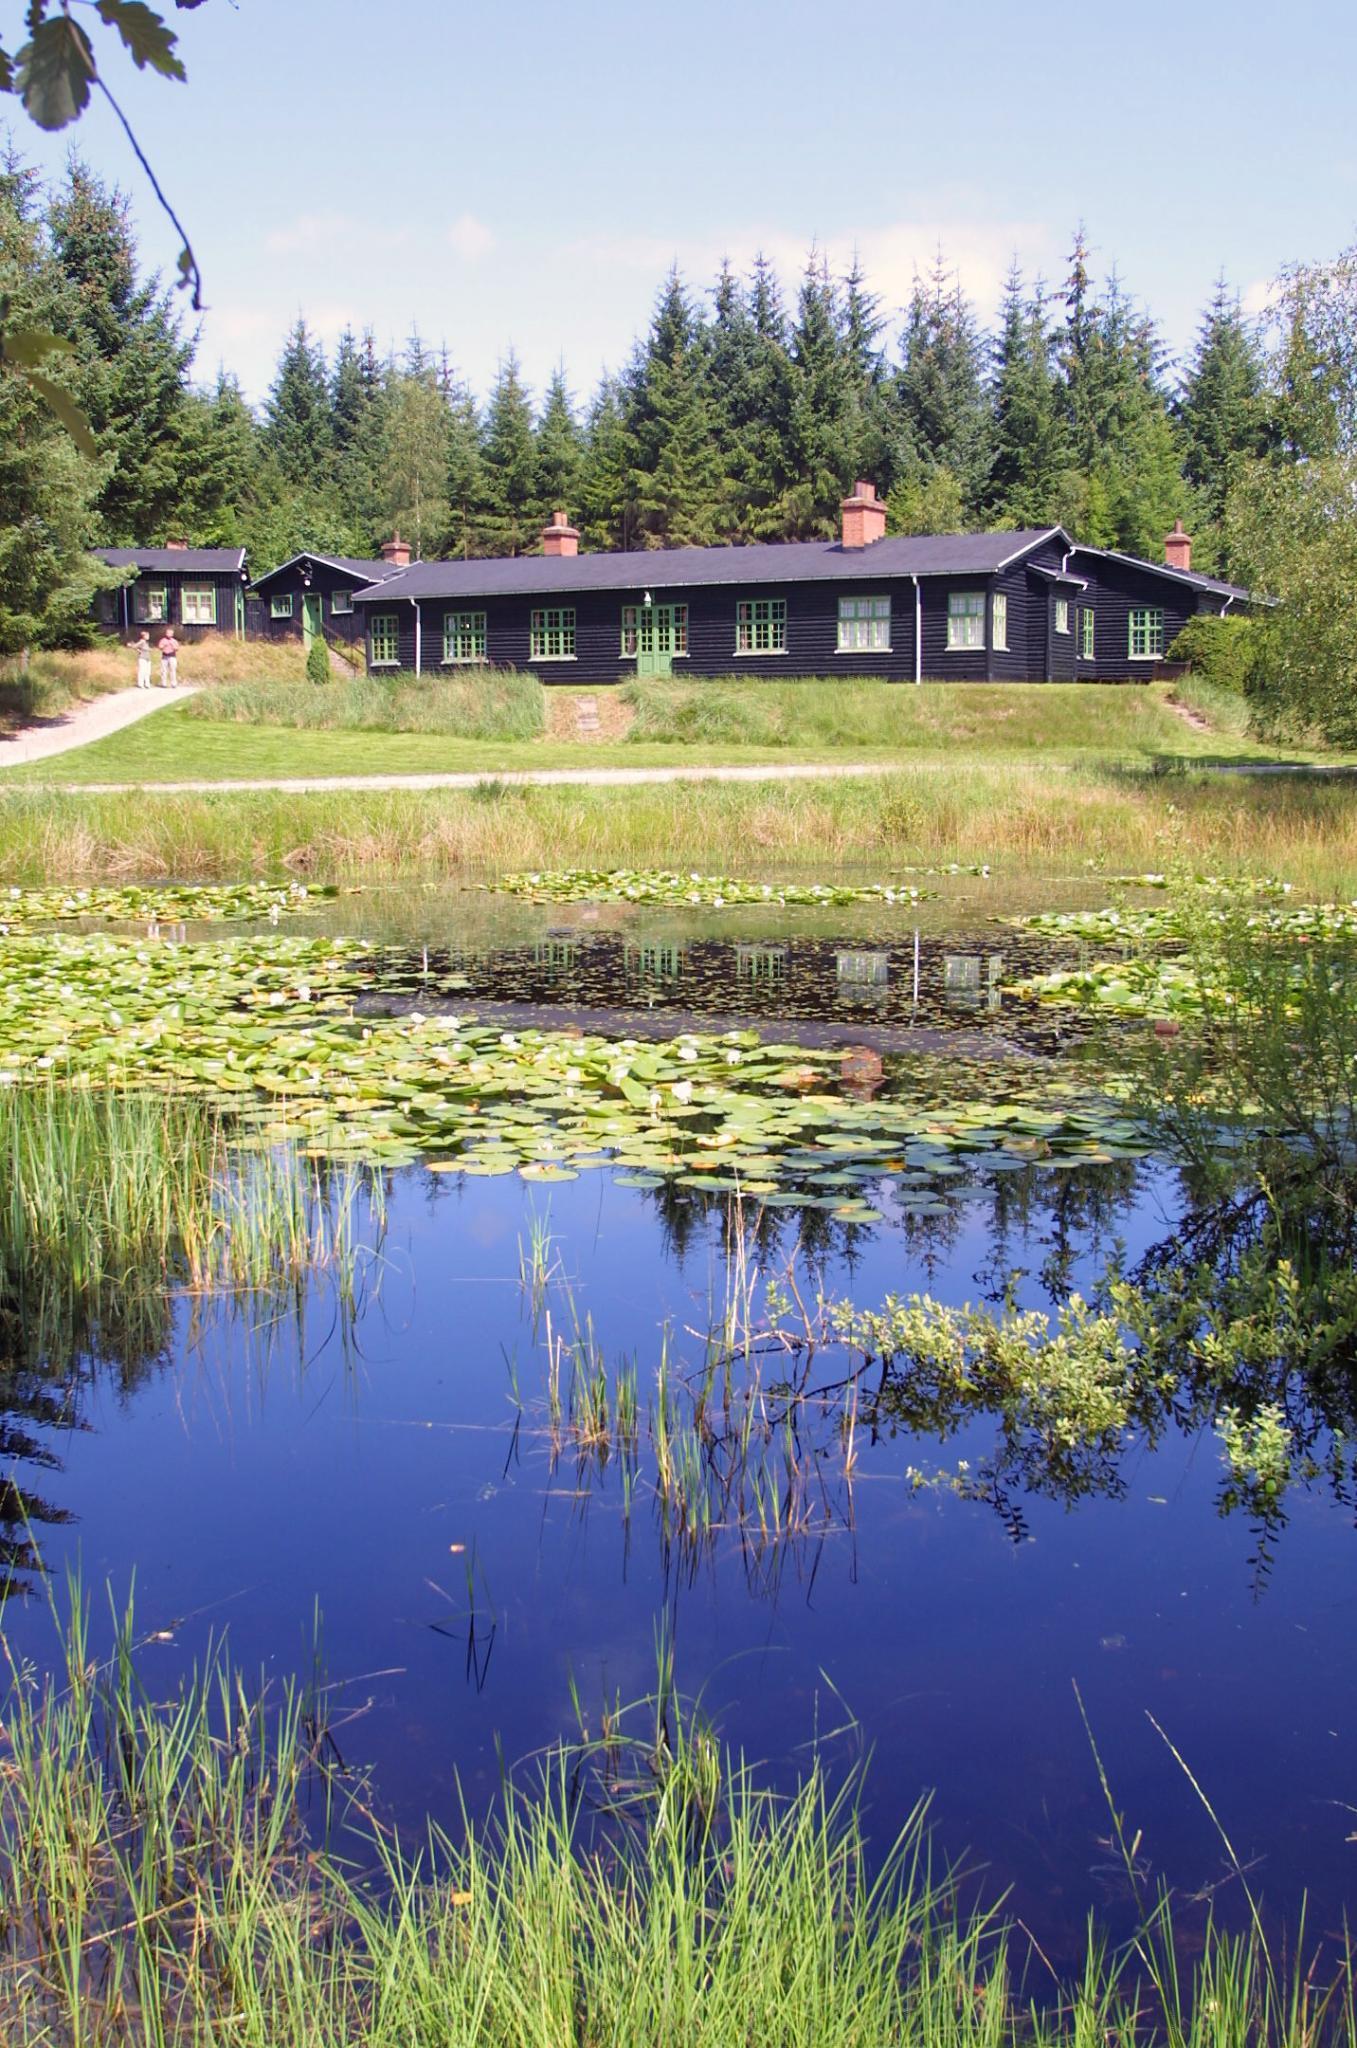 Ferienhaus der dänischen Kronprinzenfamilie in Jylland